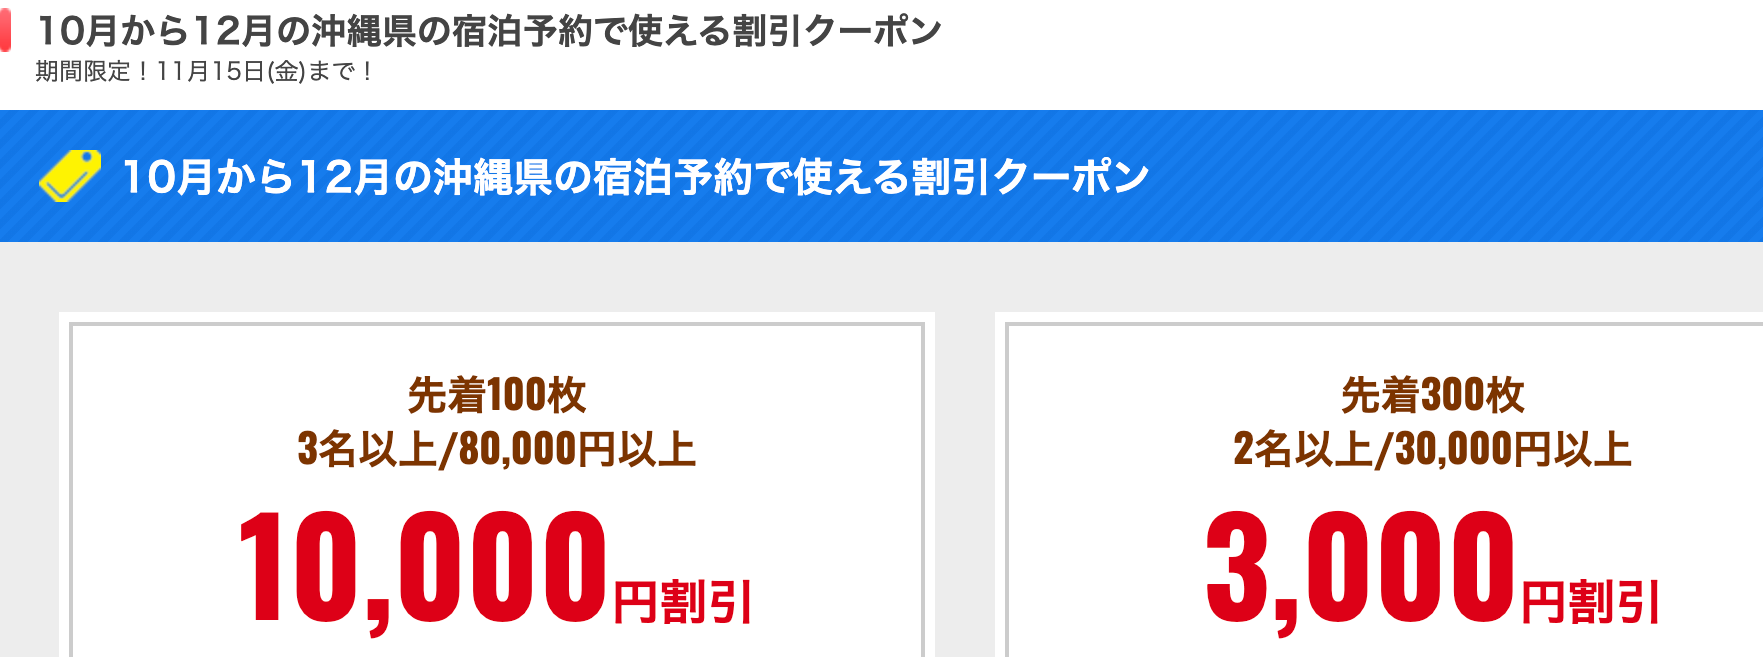 るるぶトラベルの沖縄のホテル・宿予約が最大10,000円割引クーポン